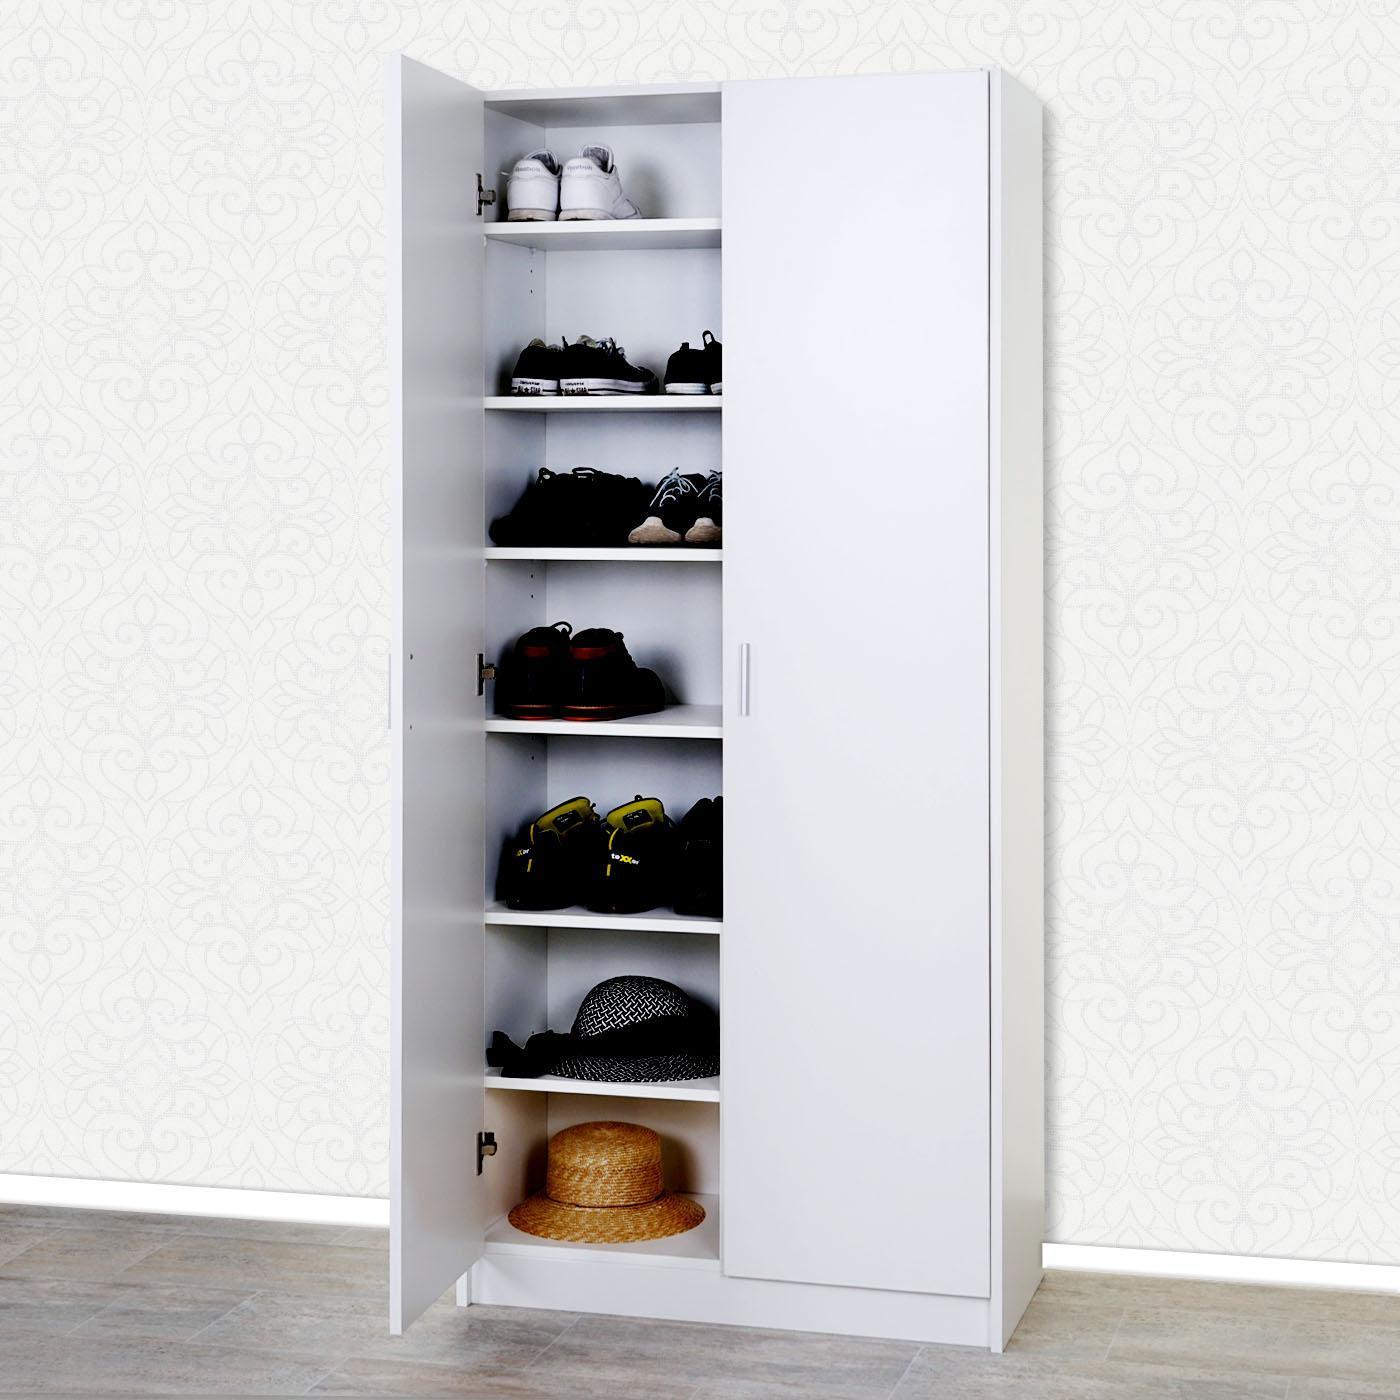 ziemlich flurschr nke dielenschr nke zeitgen ssisch die. Black Bedroom Furniture Sets. Home Design Ideas